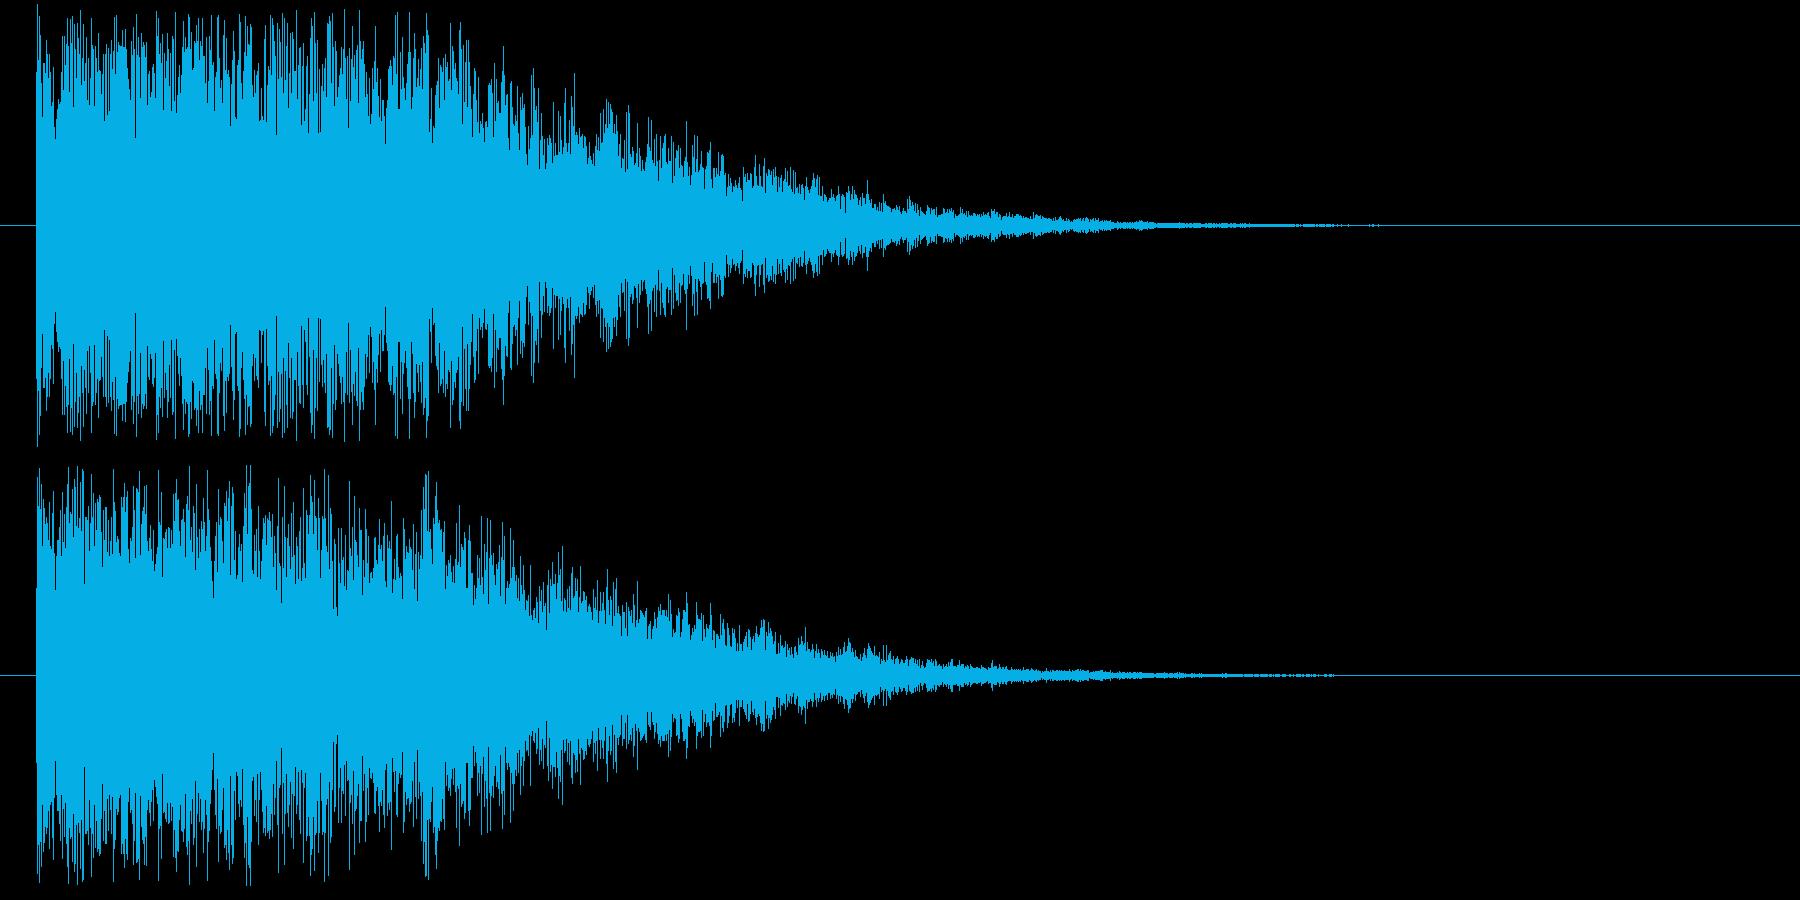 【決定音 1】 明るい,ボタン音の再生済みの波形